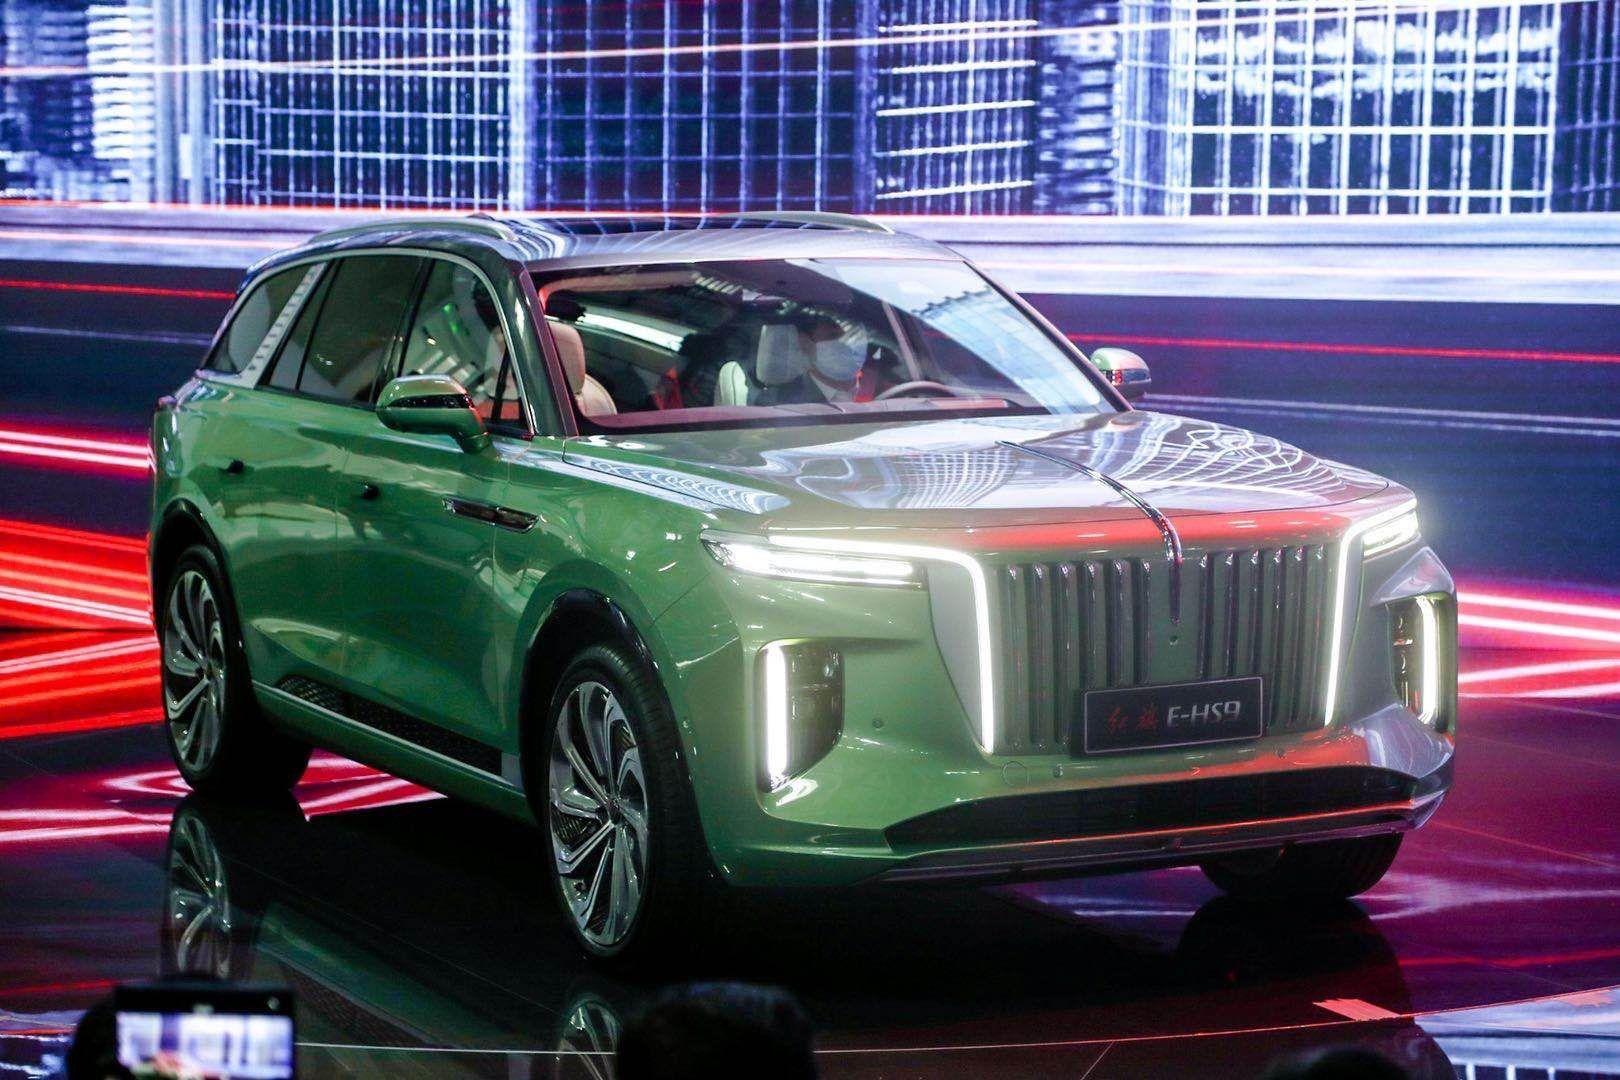 2020北京车展㊱|红旗大型纯电SUV车型E-HS9开启预售图片